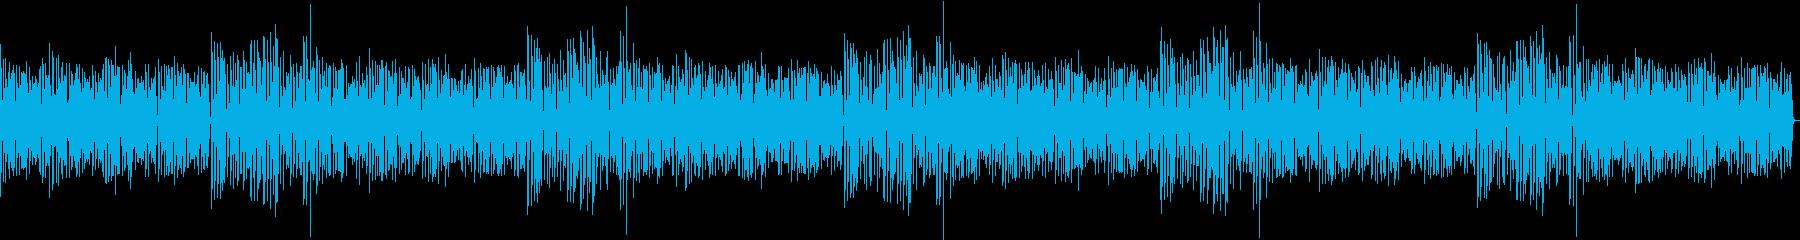 ローファイなベースメインの幻想的なBGMの再生済みの波形